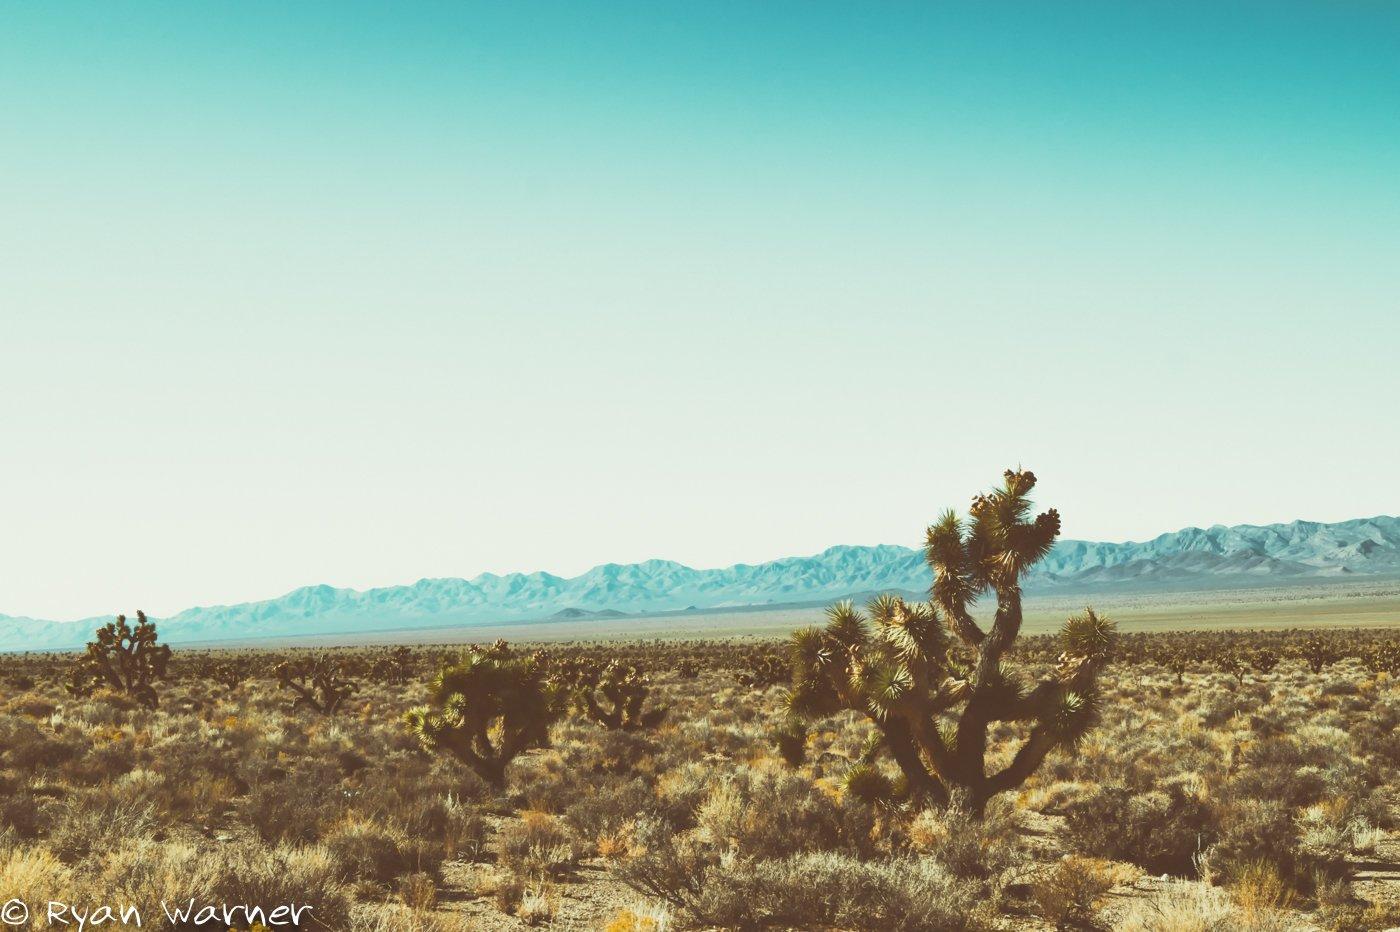 Ryan Warner - ET Highway #3 - Photography